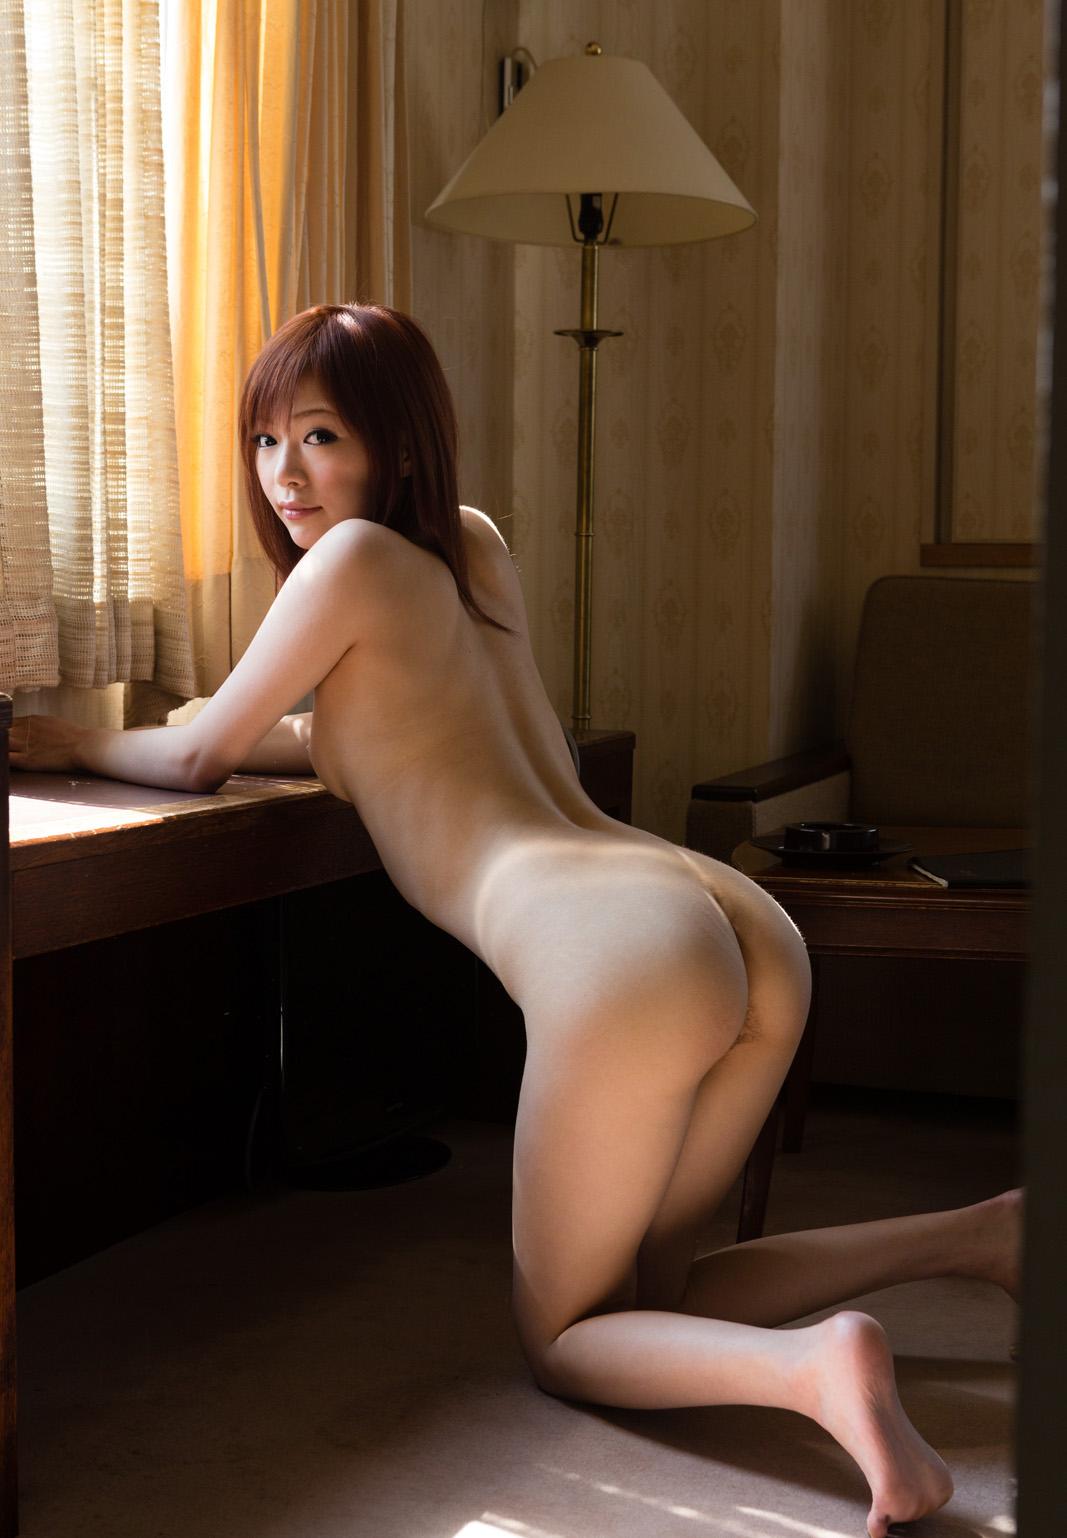 AV女優 MIYABI 画像 NO.36の写真